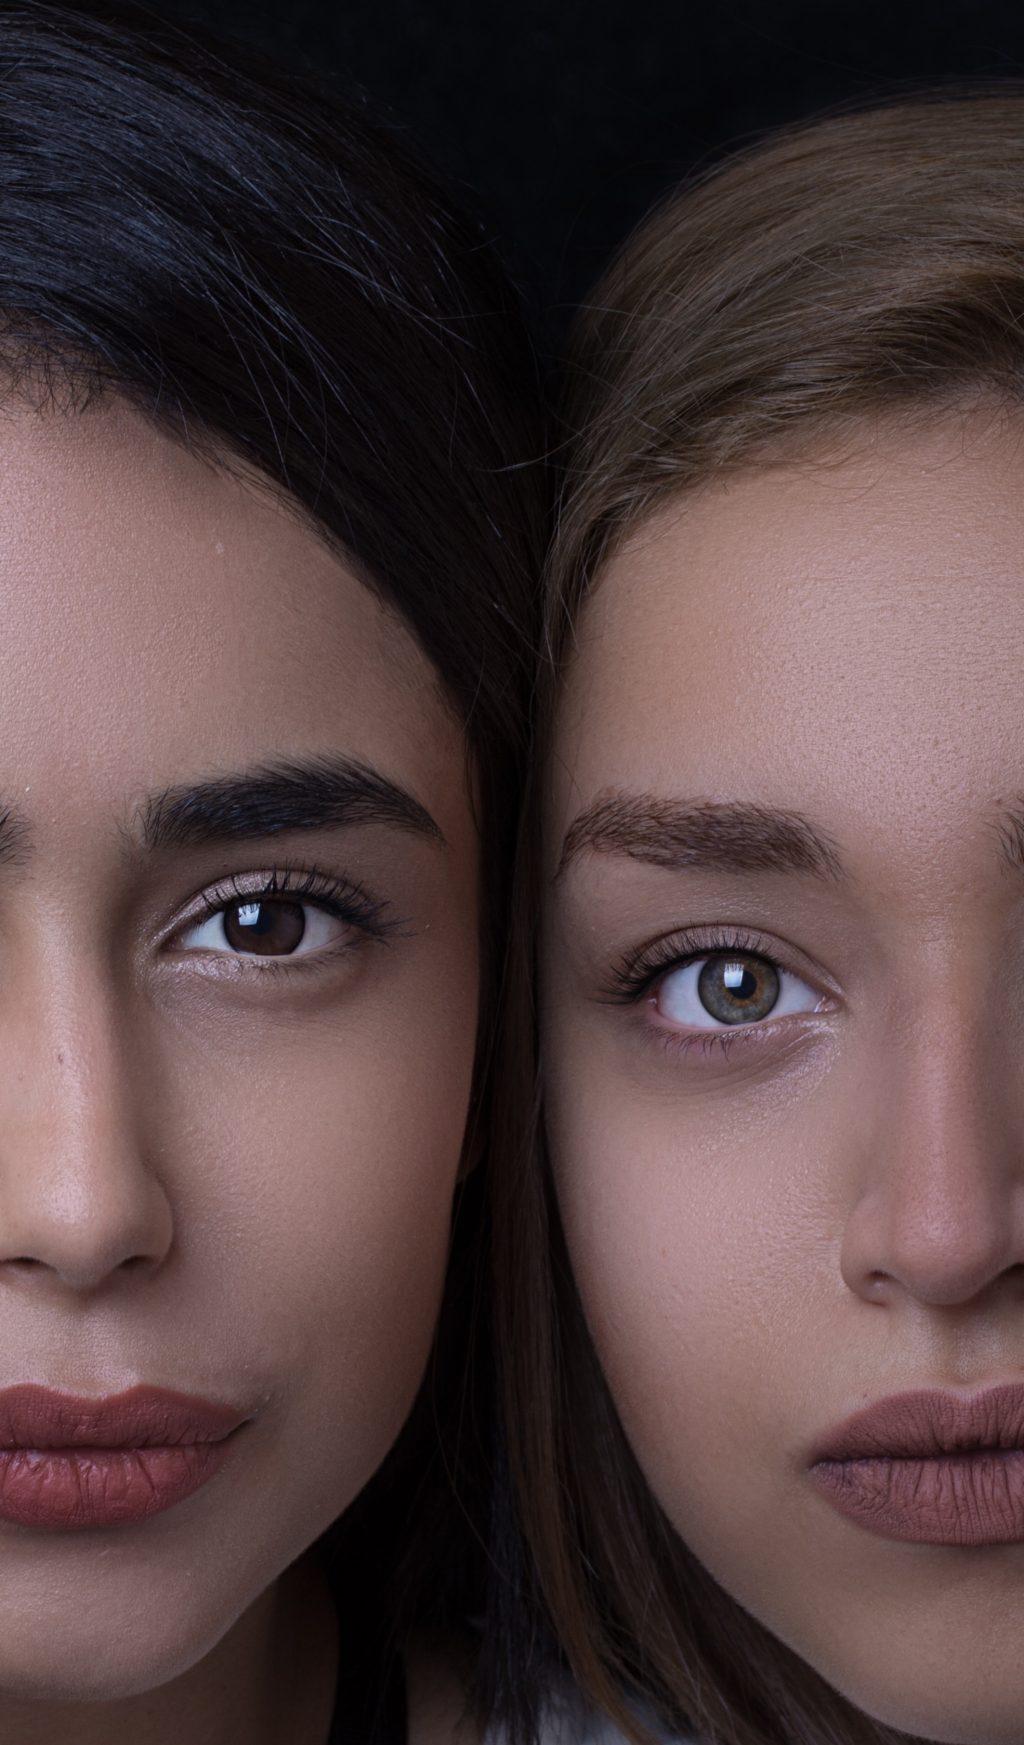 Cách làm mặt nạ-Chụp cận mặt hai cô gái.